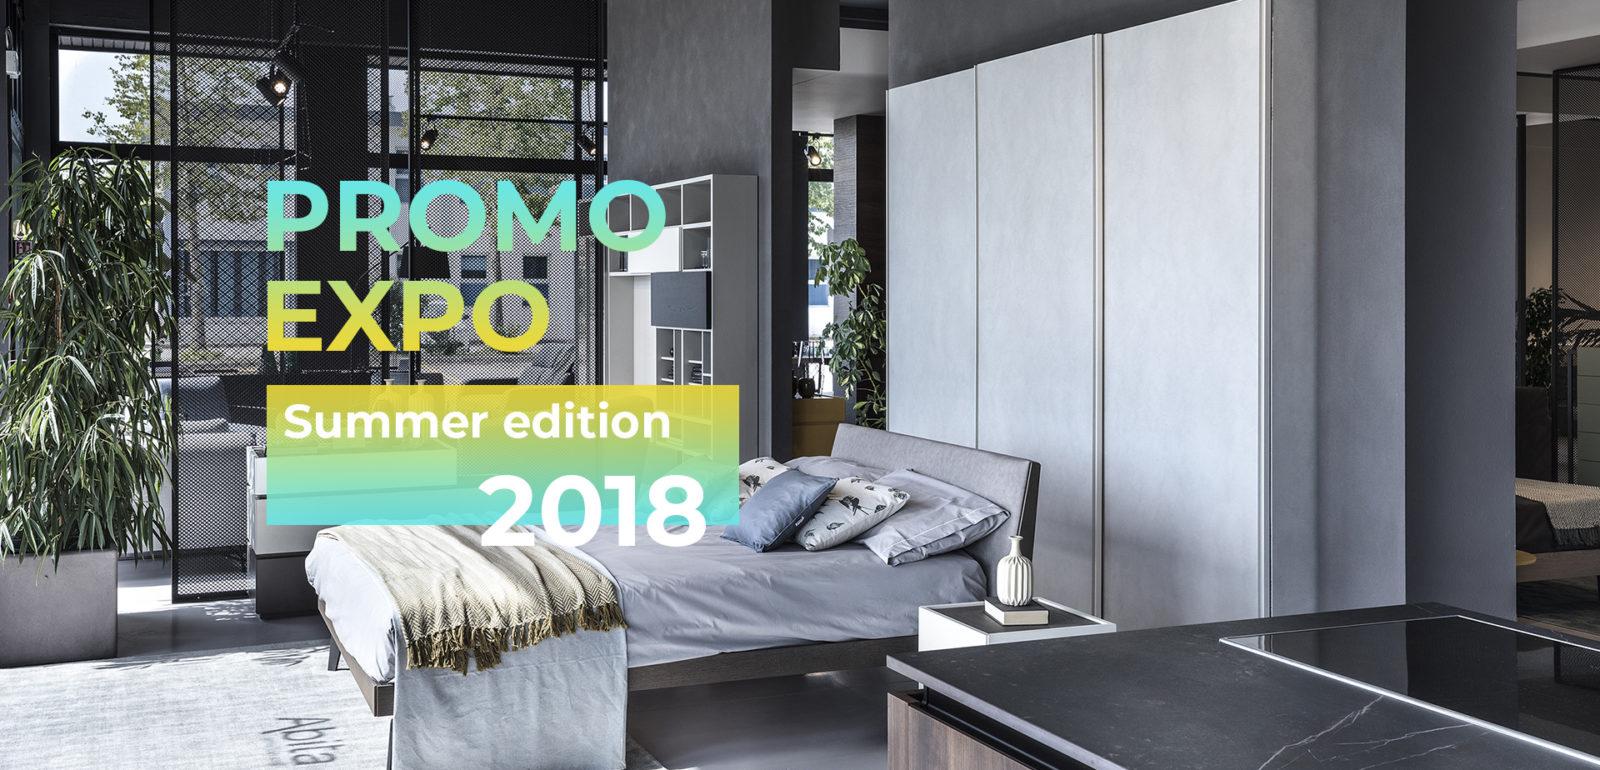 promo expo 2018 summer edition - sconto dal 30% al 50% su articoli di arredo casa in esposizione a treviso